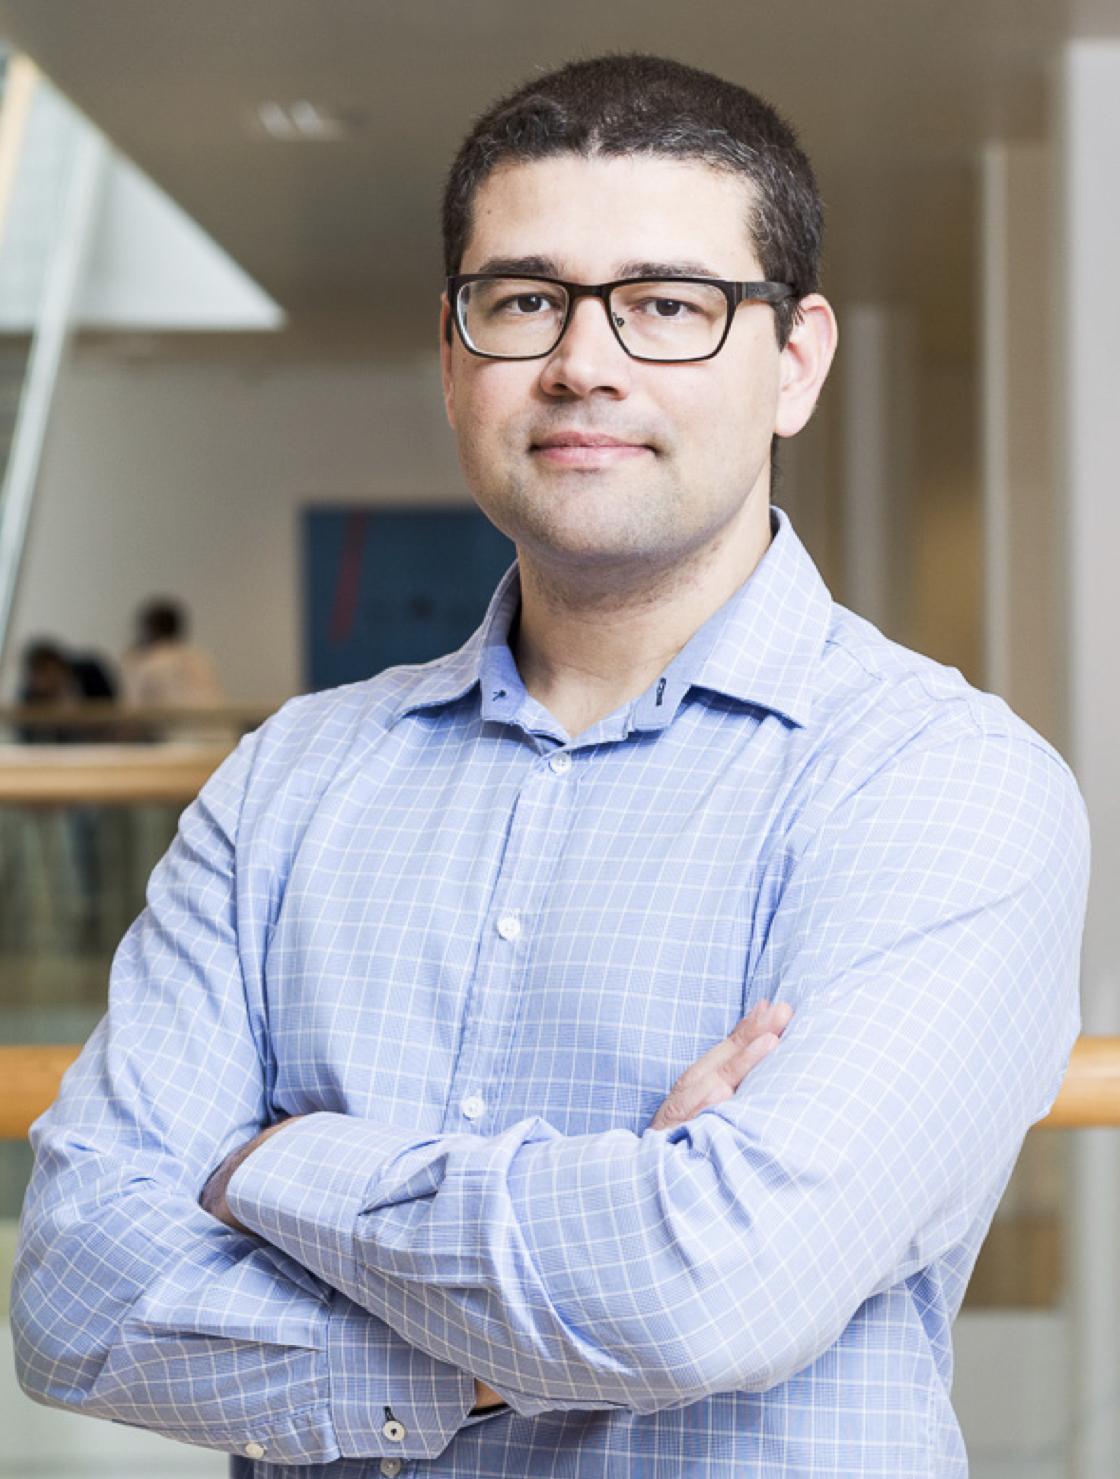 Daniel Enrique Lucani Rötter